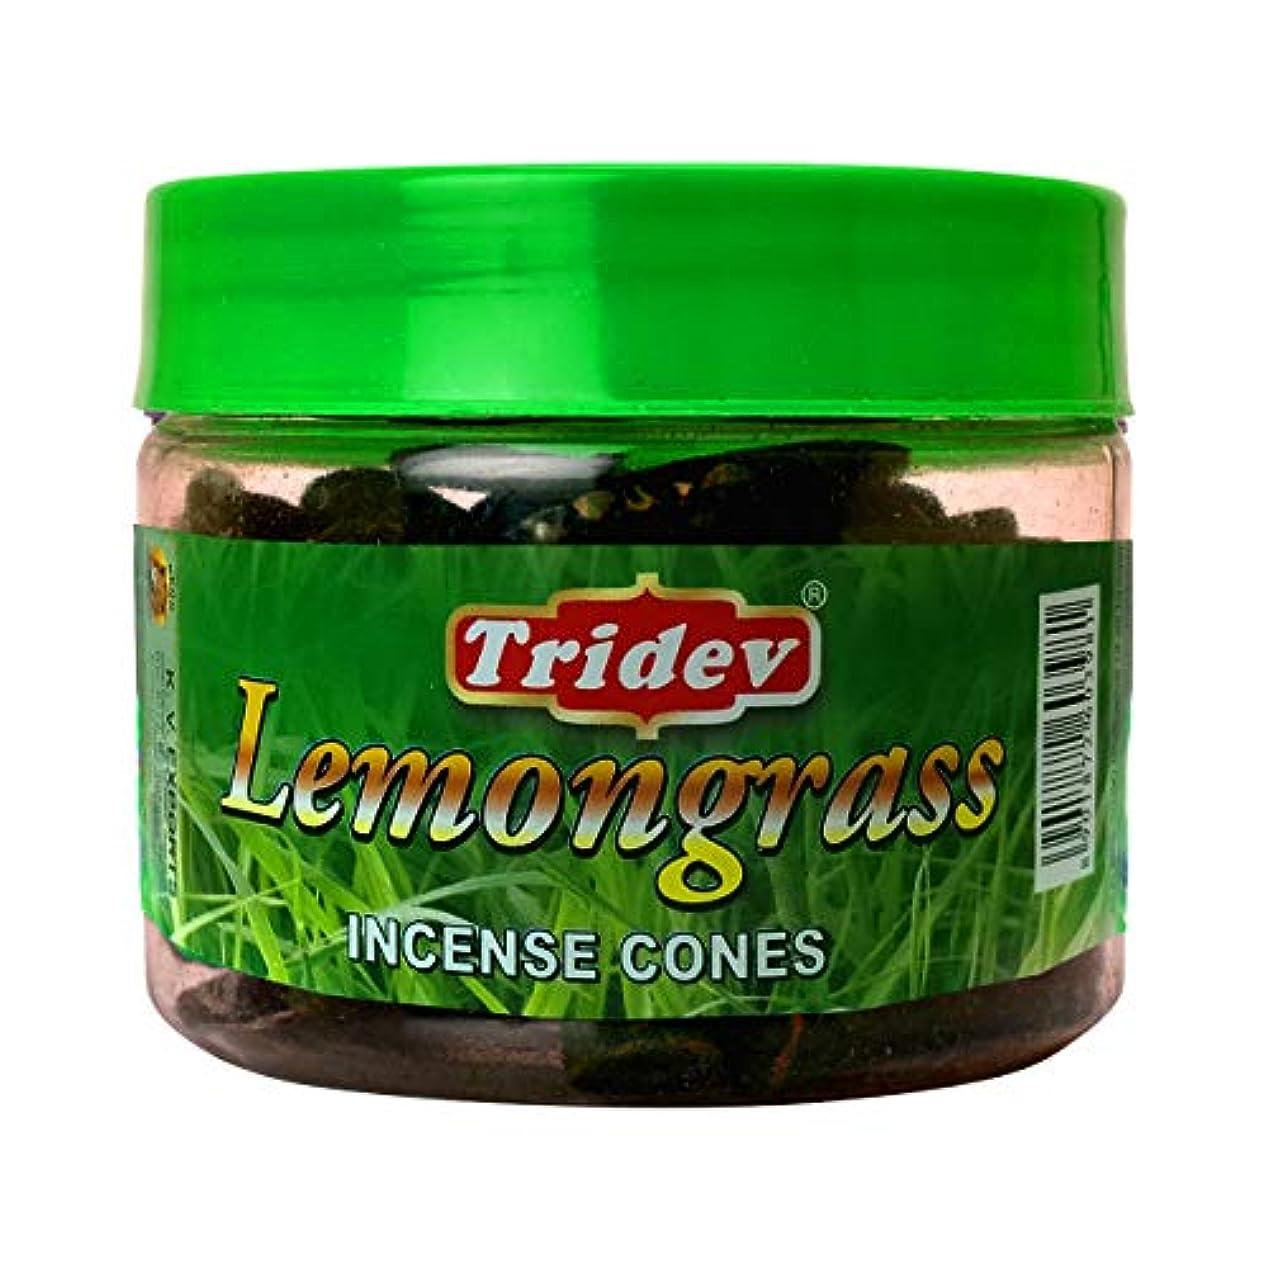 純正ラダ下に向けますTridev レモングラスフレグランス コーン型お香瓶 1080グラム ボックス入り 12個入り 輸出品質